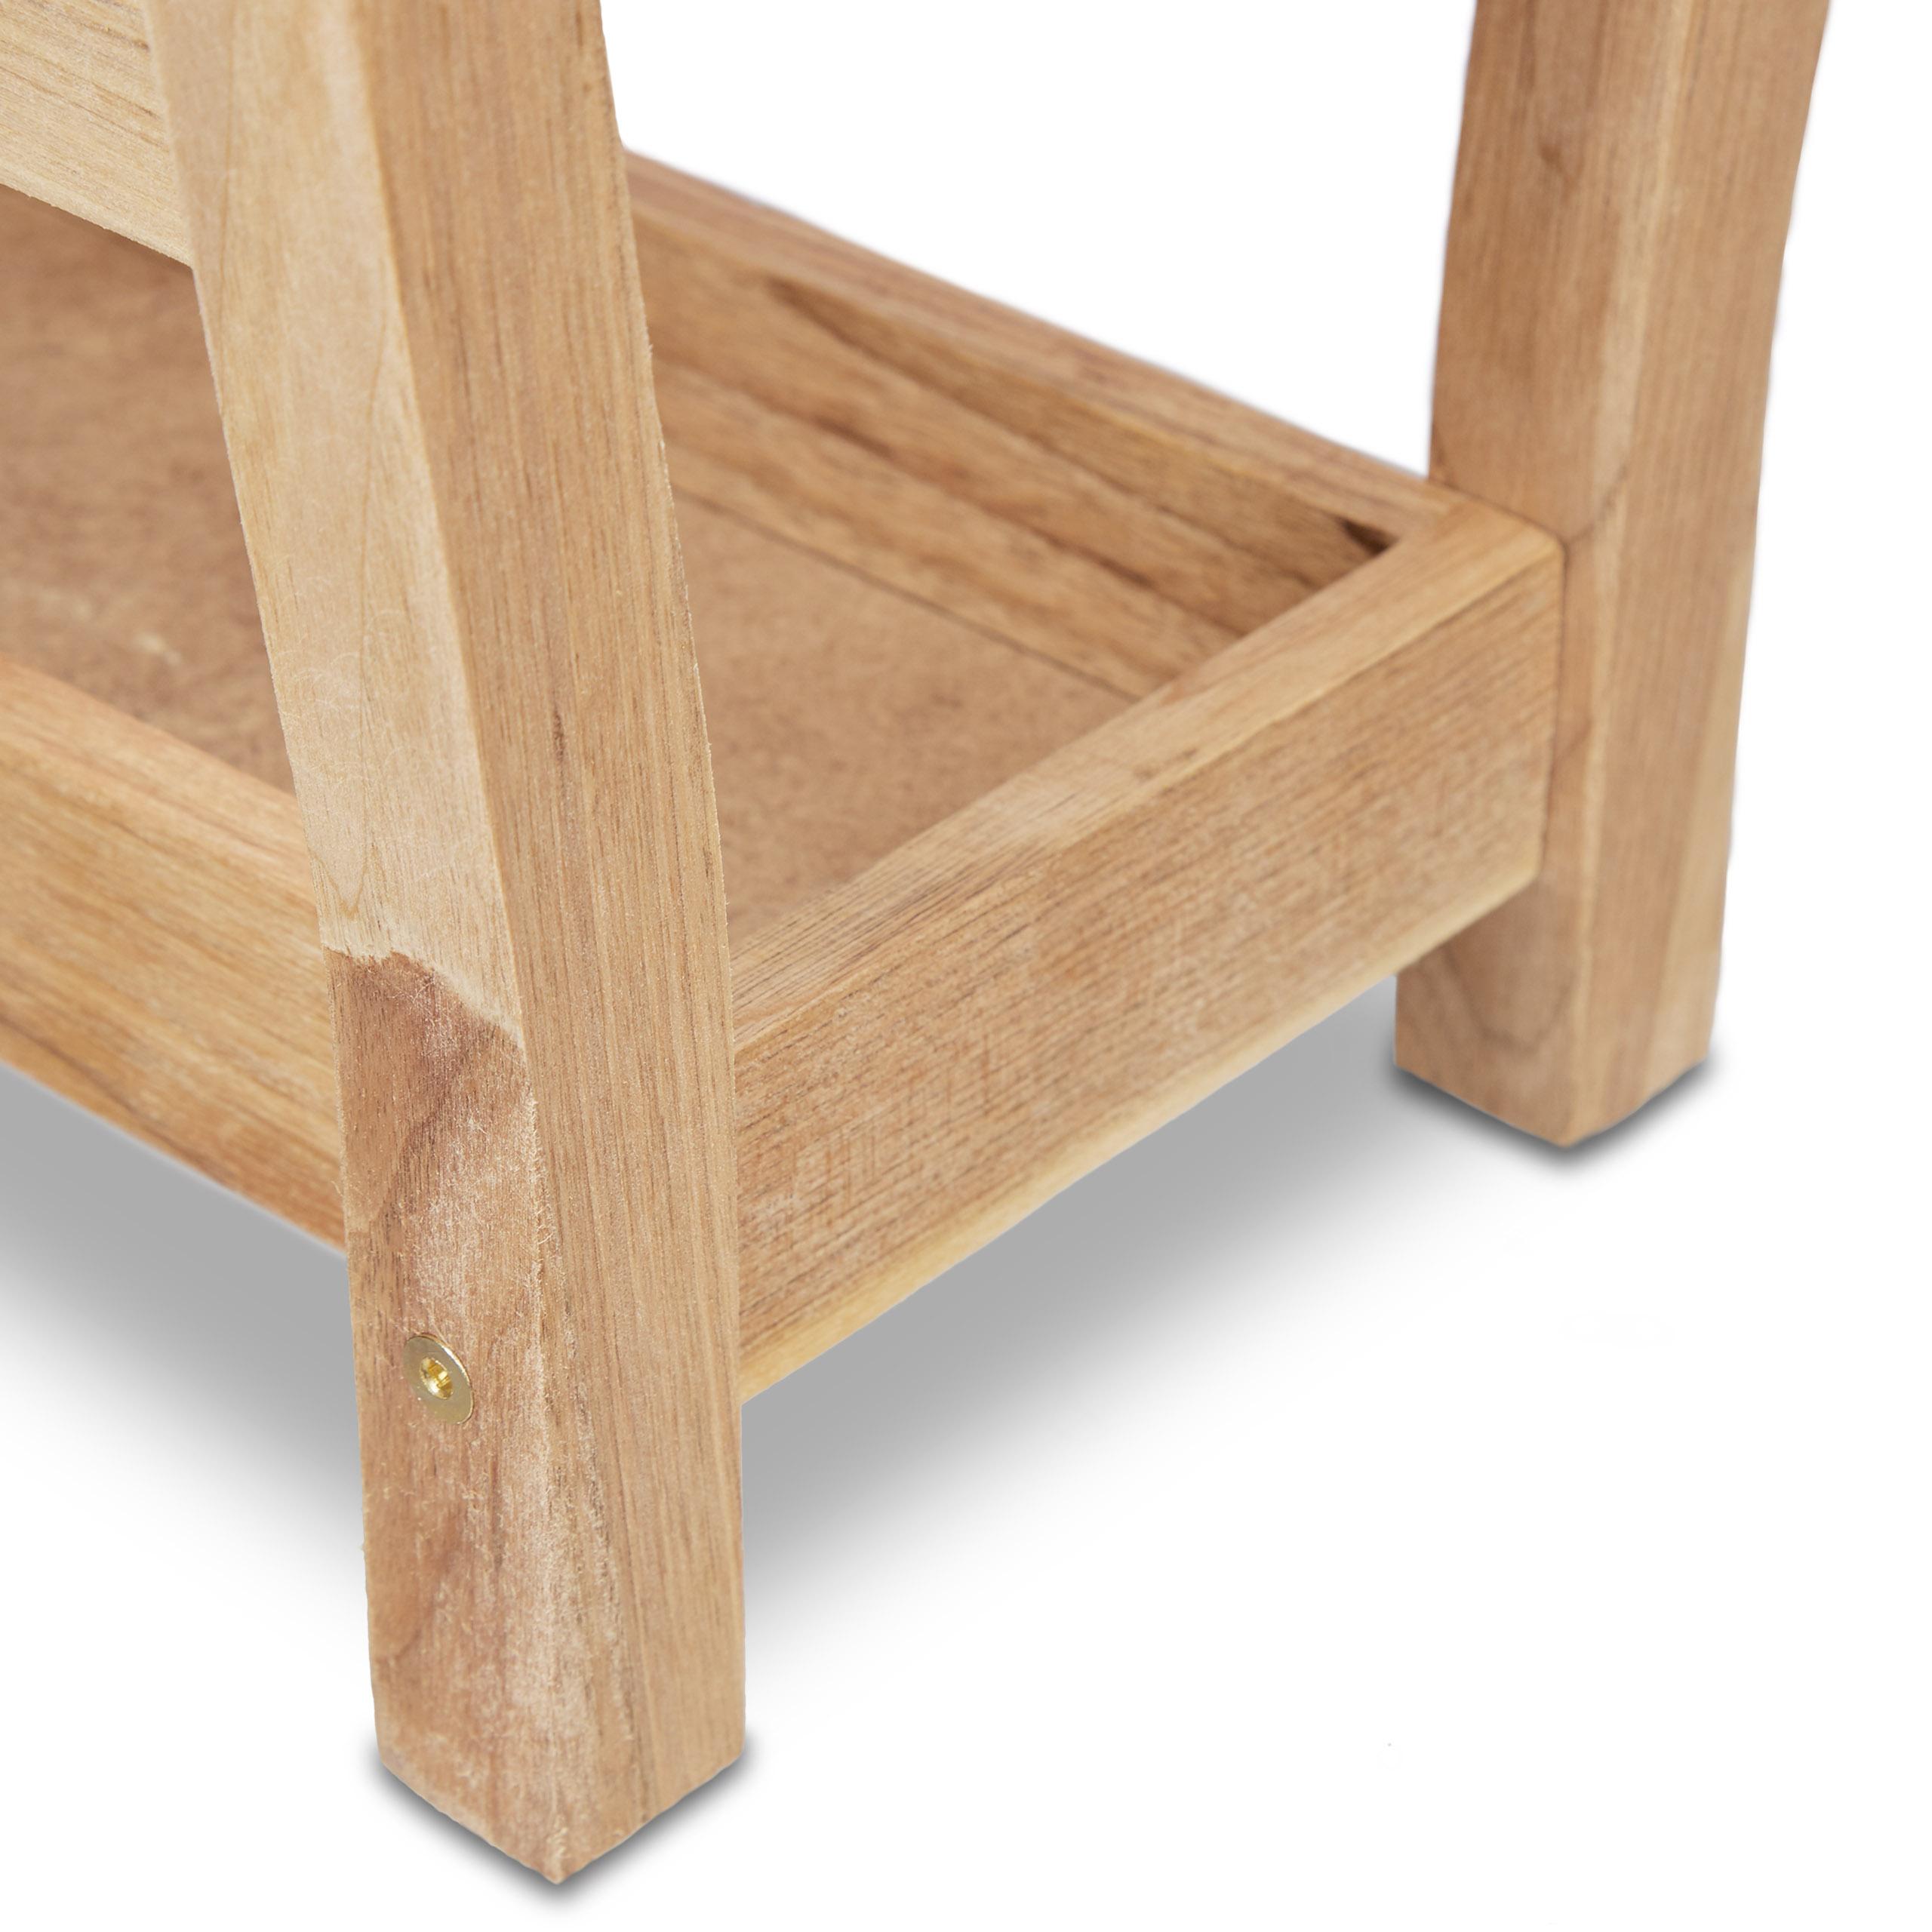 zeitungsst nder walnuss zeitungskorb holz zeitungshalter zeitschriftensammler ebay. Black Bedroom Furniture Sets. Home Design Ideas